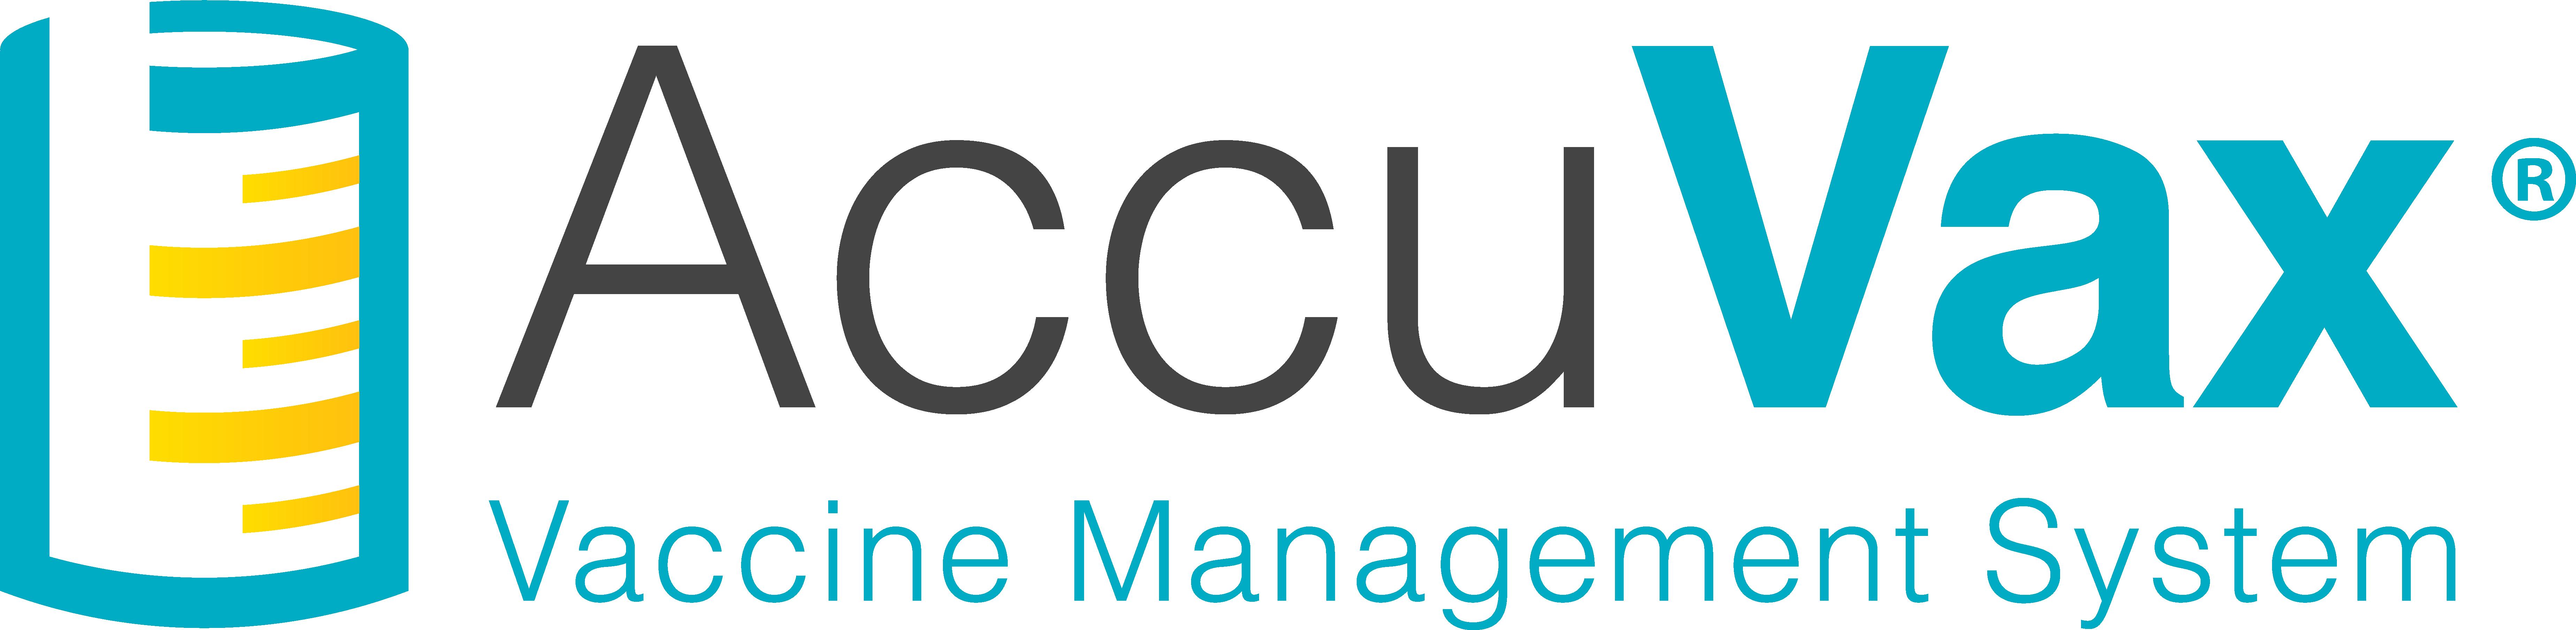 AccuVax-Large-AI-Logo